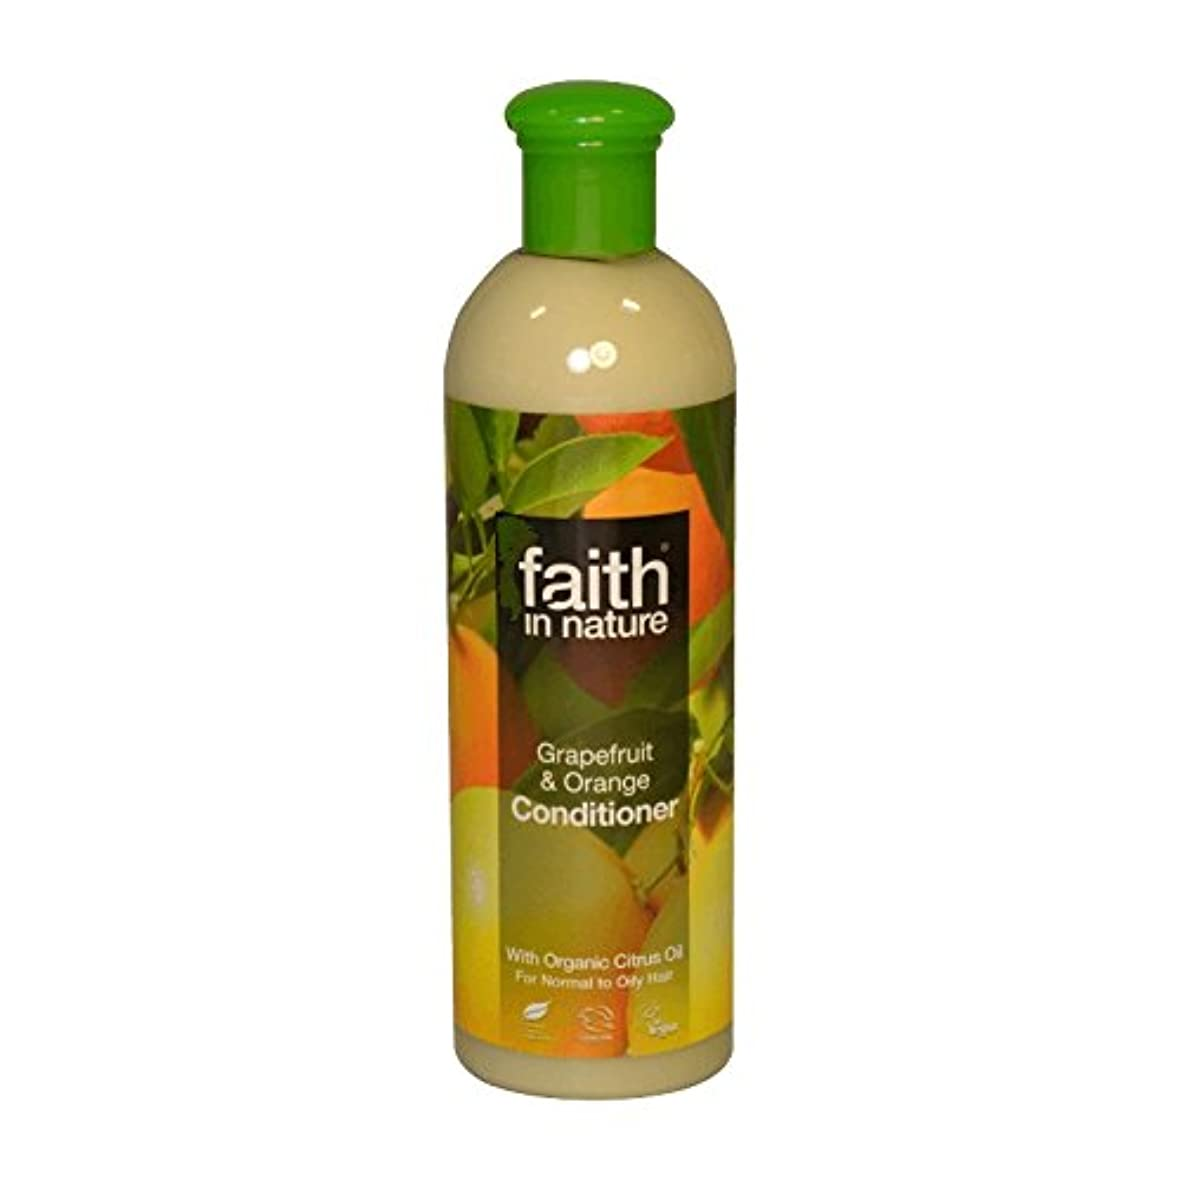 口径プレゼンバラ色Faith in Nature Grapefruit & Orange Conditioner 400ml (Pack of 6) - 自然グレープフルーツ&オレンジコンディショナー400ミリリットルの信仰 (x6) [...